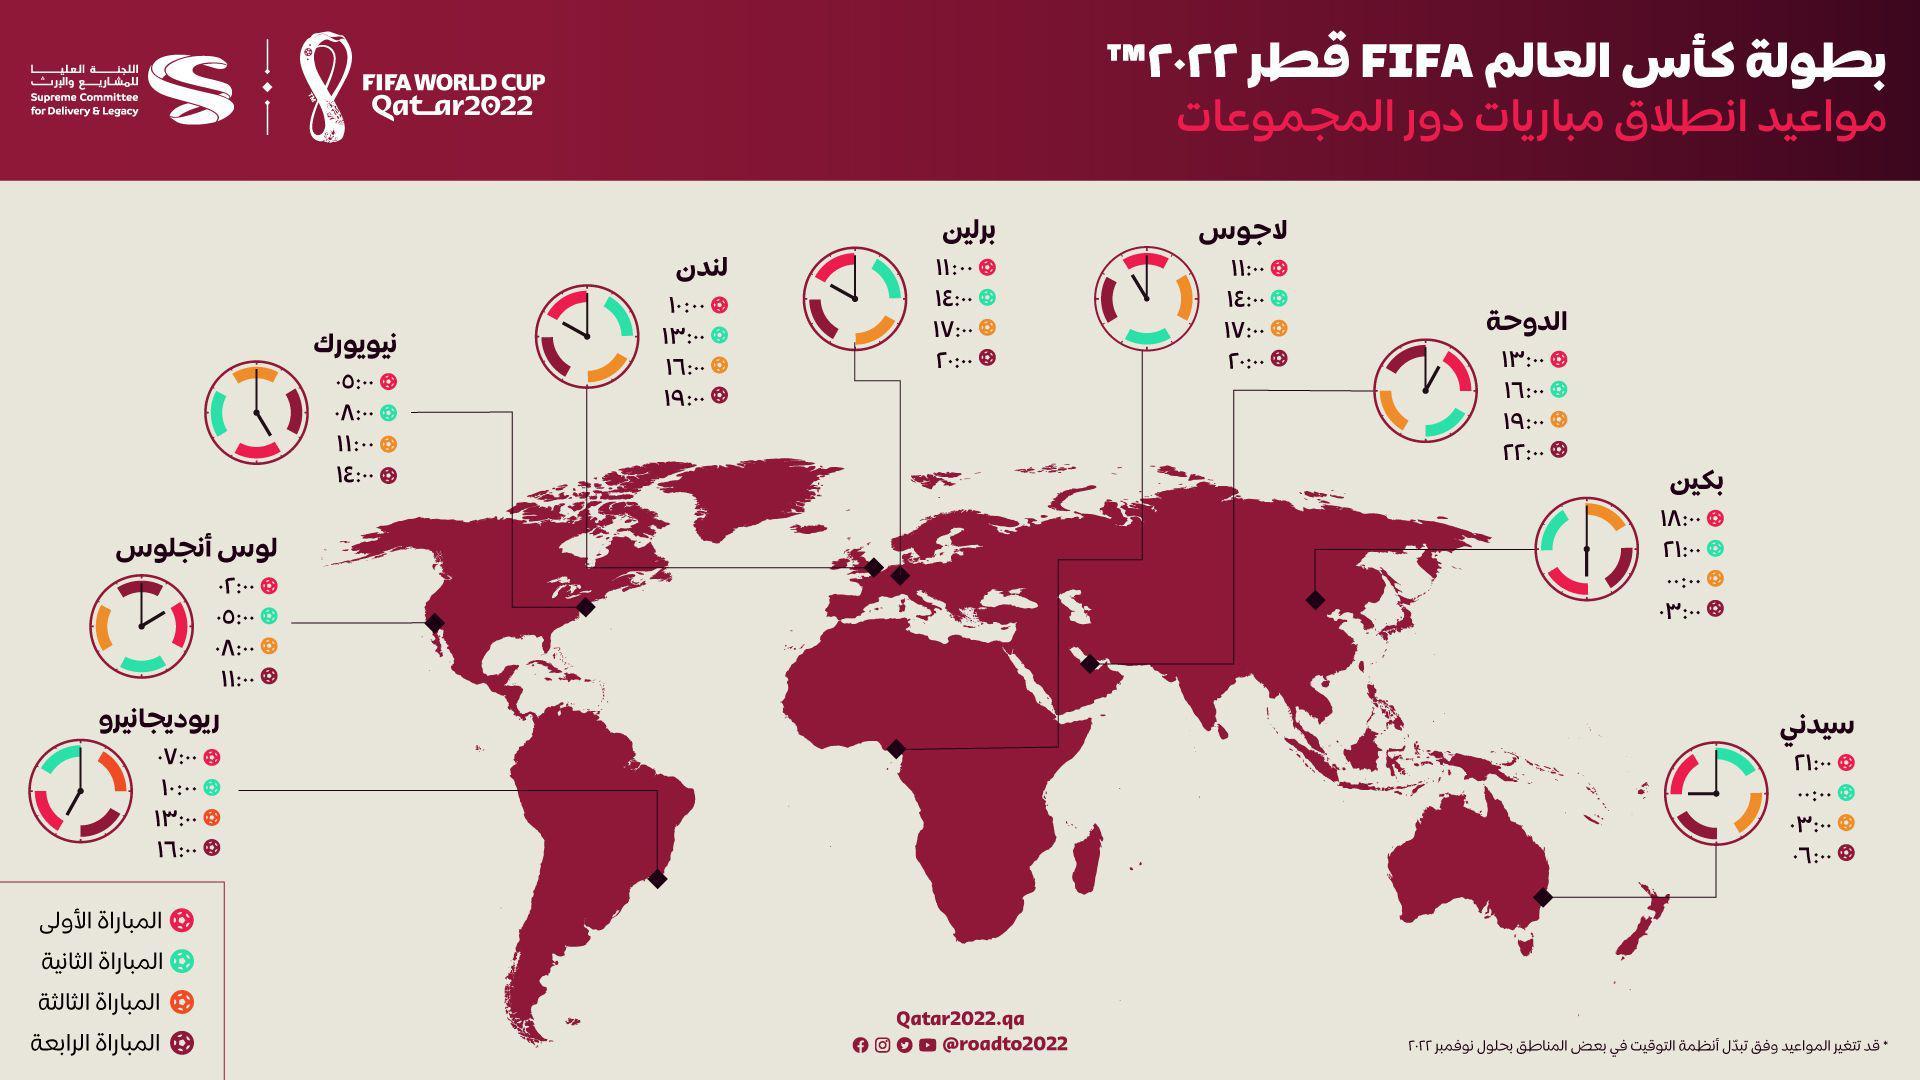 3334950-Qatar-2022_-Kick-off-times-(AR)